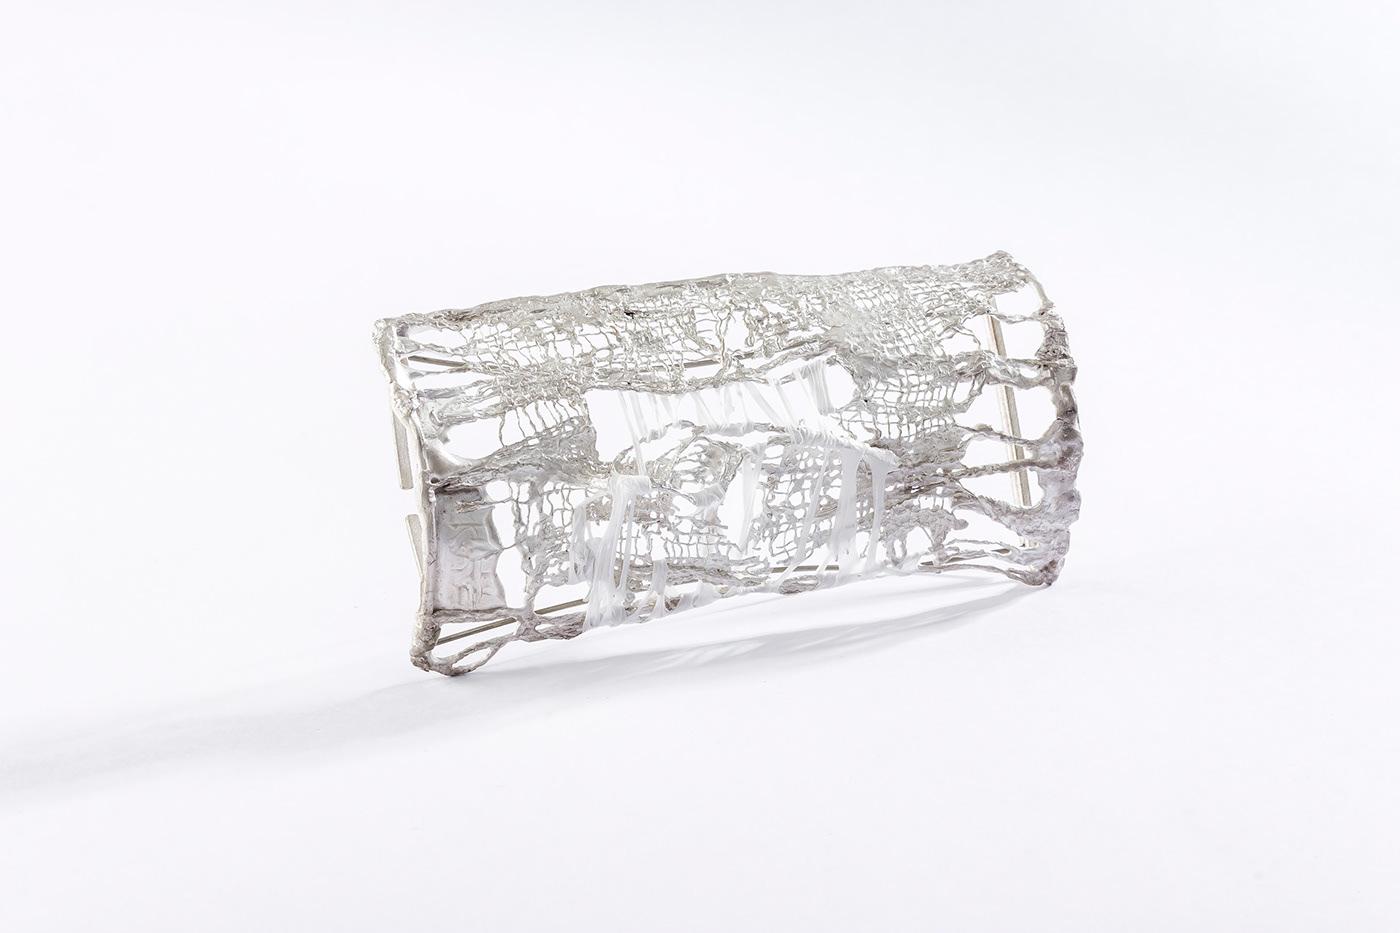 contemporary jewelery  contemporary jewelry Joyería contemporánea lost cast wax mabel pena plastic silver 925